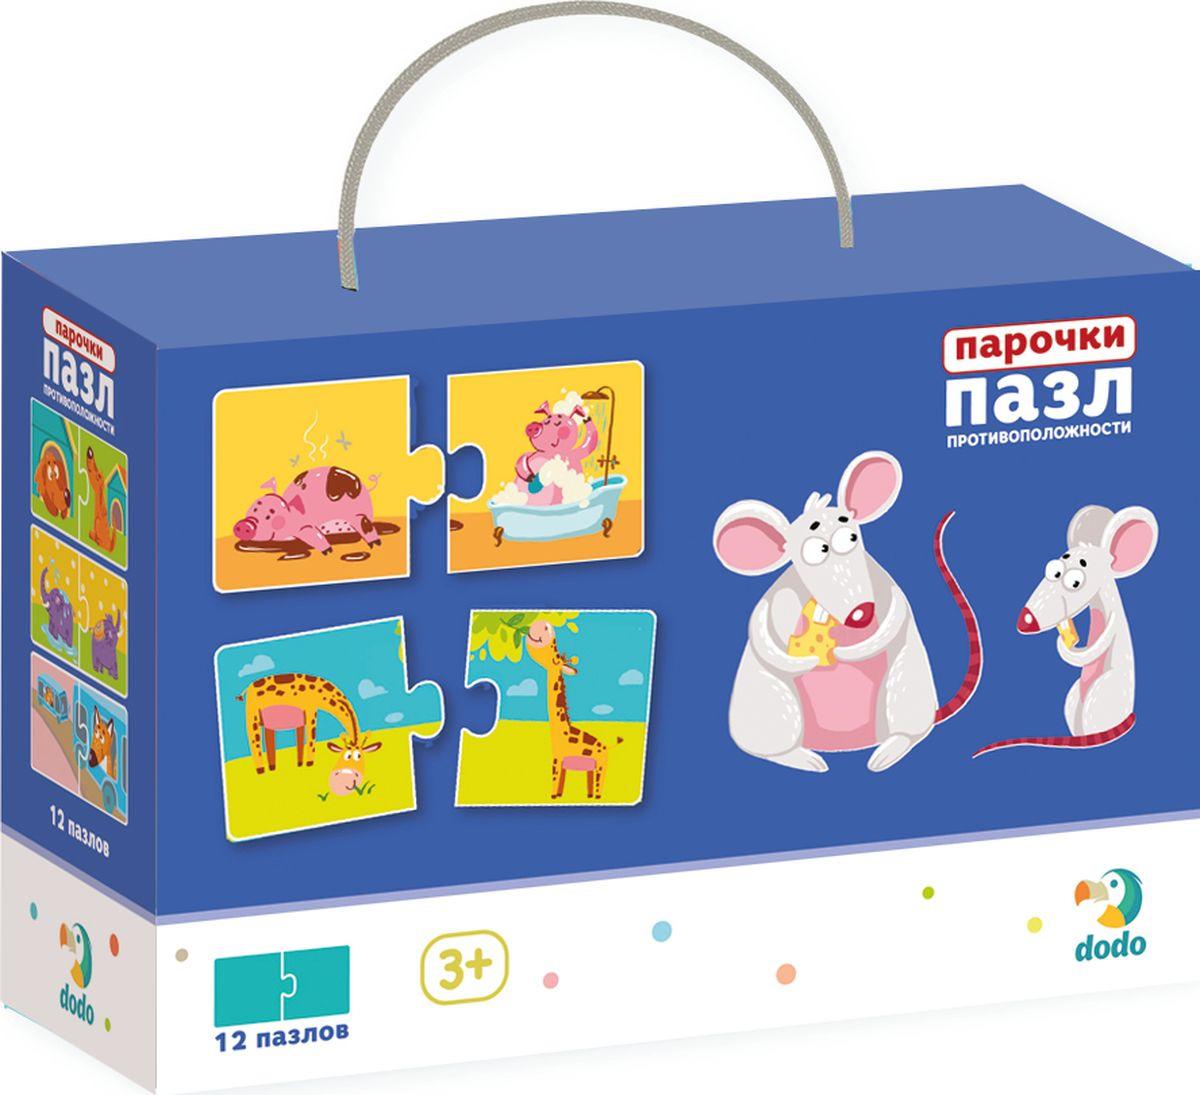 Пазл для малышей Dodo Пазлы-парочки Противоположности, R300151, 24 элемента пазл для малышей dodo 4в1 времена года